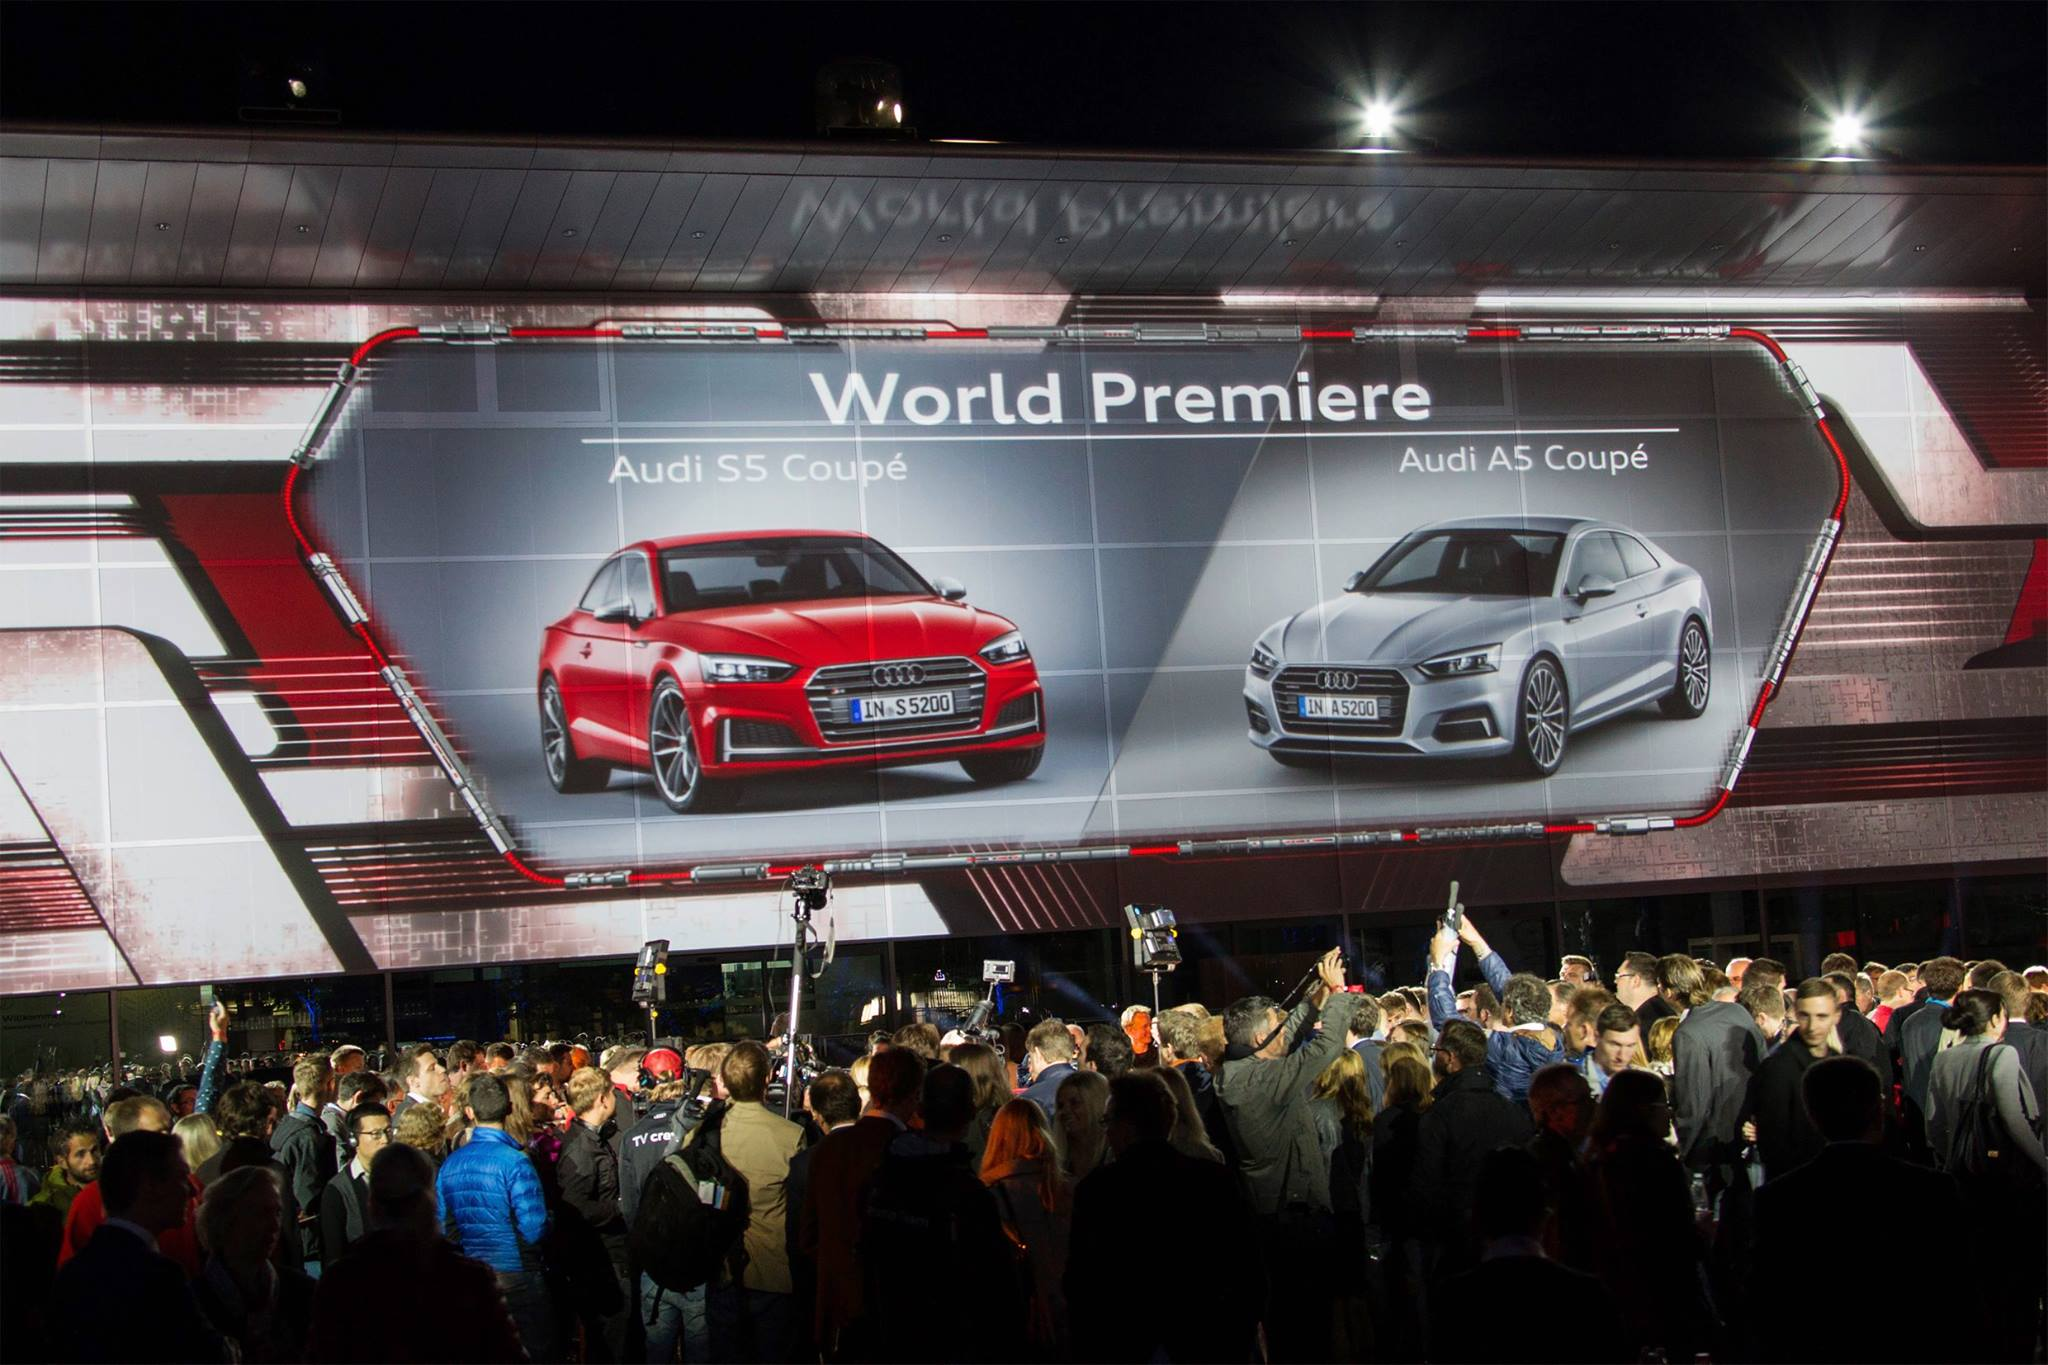 Ein besonderes Event an einem besonderen Ort: Für den Launch des neuen A5/S5 Coupé lud Audi die Presse an ihren Hauptsitz in Ingolstadt ein. Der zentrale Platz verwandelte sich in […]